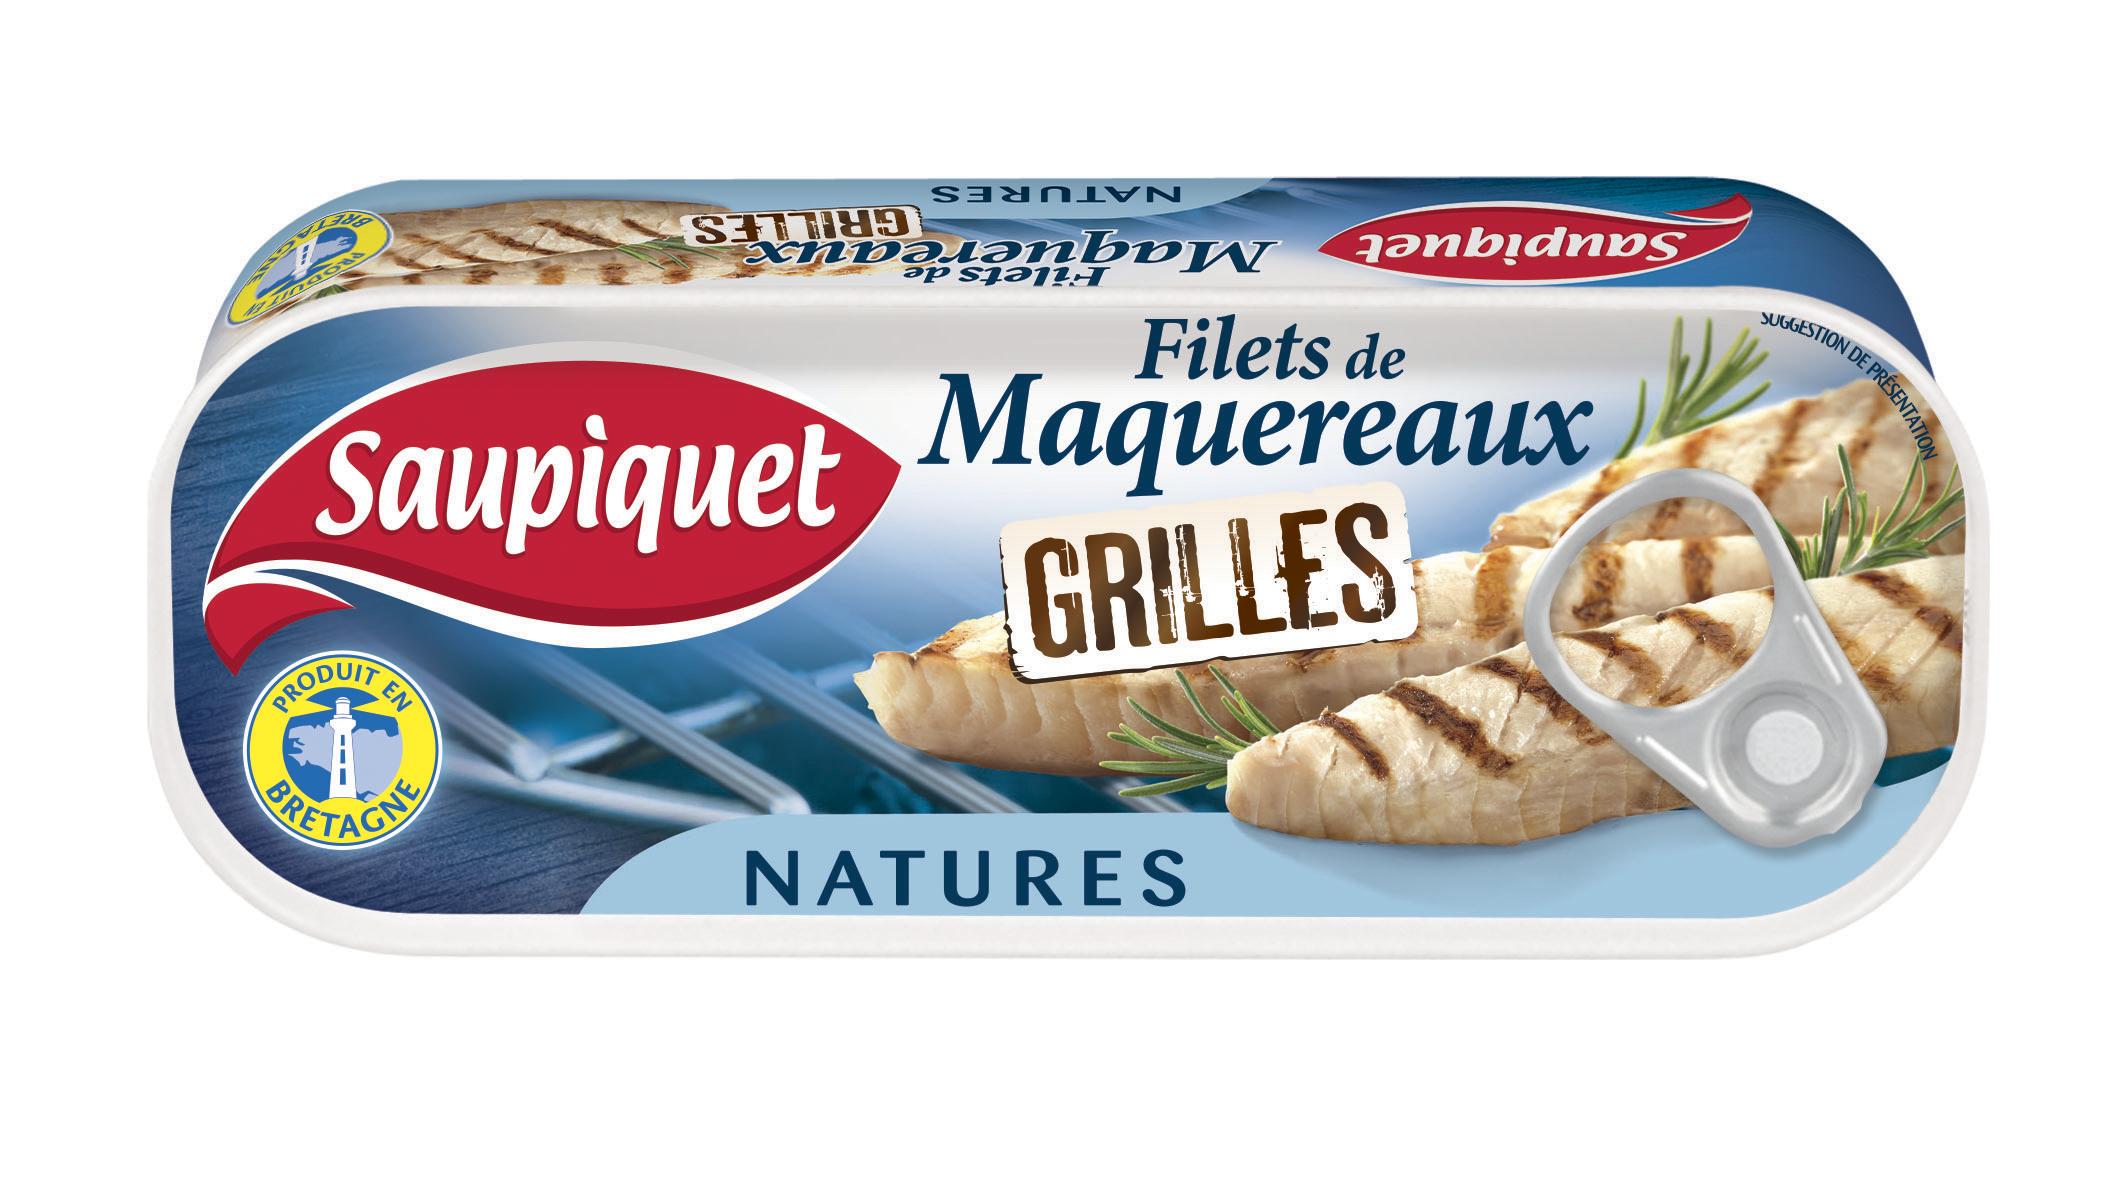 Filets de maquereaux grill s natures saupiquet donne des couleurs la mer - Maquereau grille au four ...